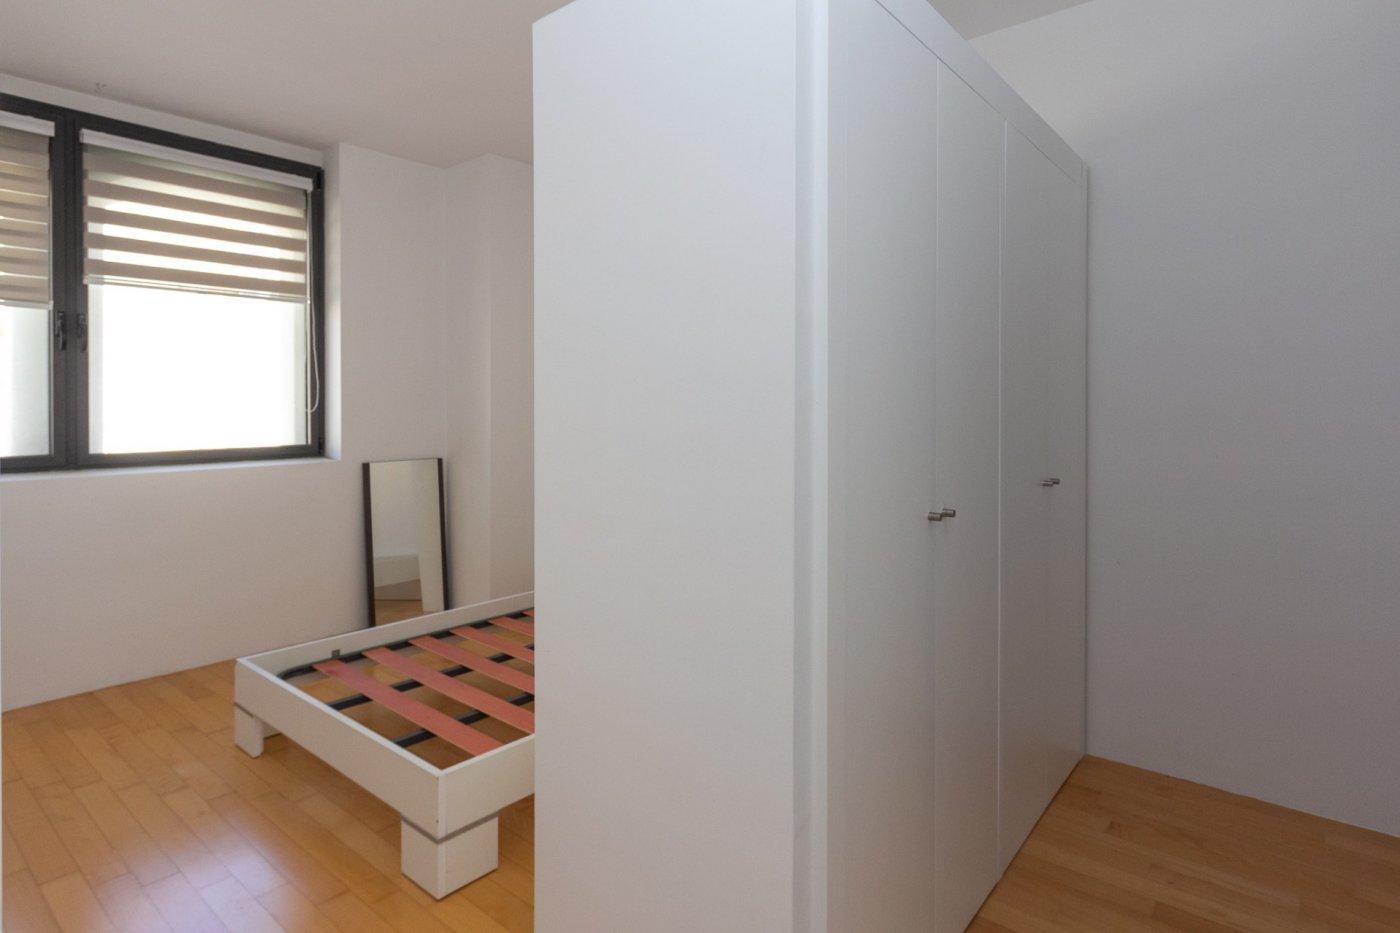 Piso de dos dormitorios de reciente construcción en zona centro de castalla - imagenInmueble8